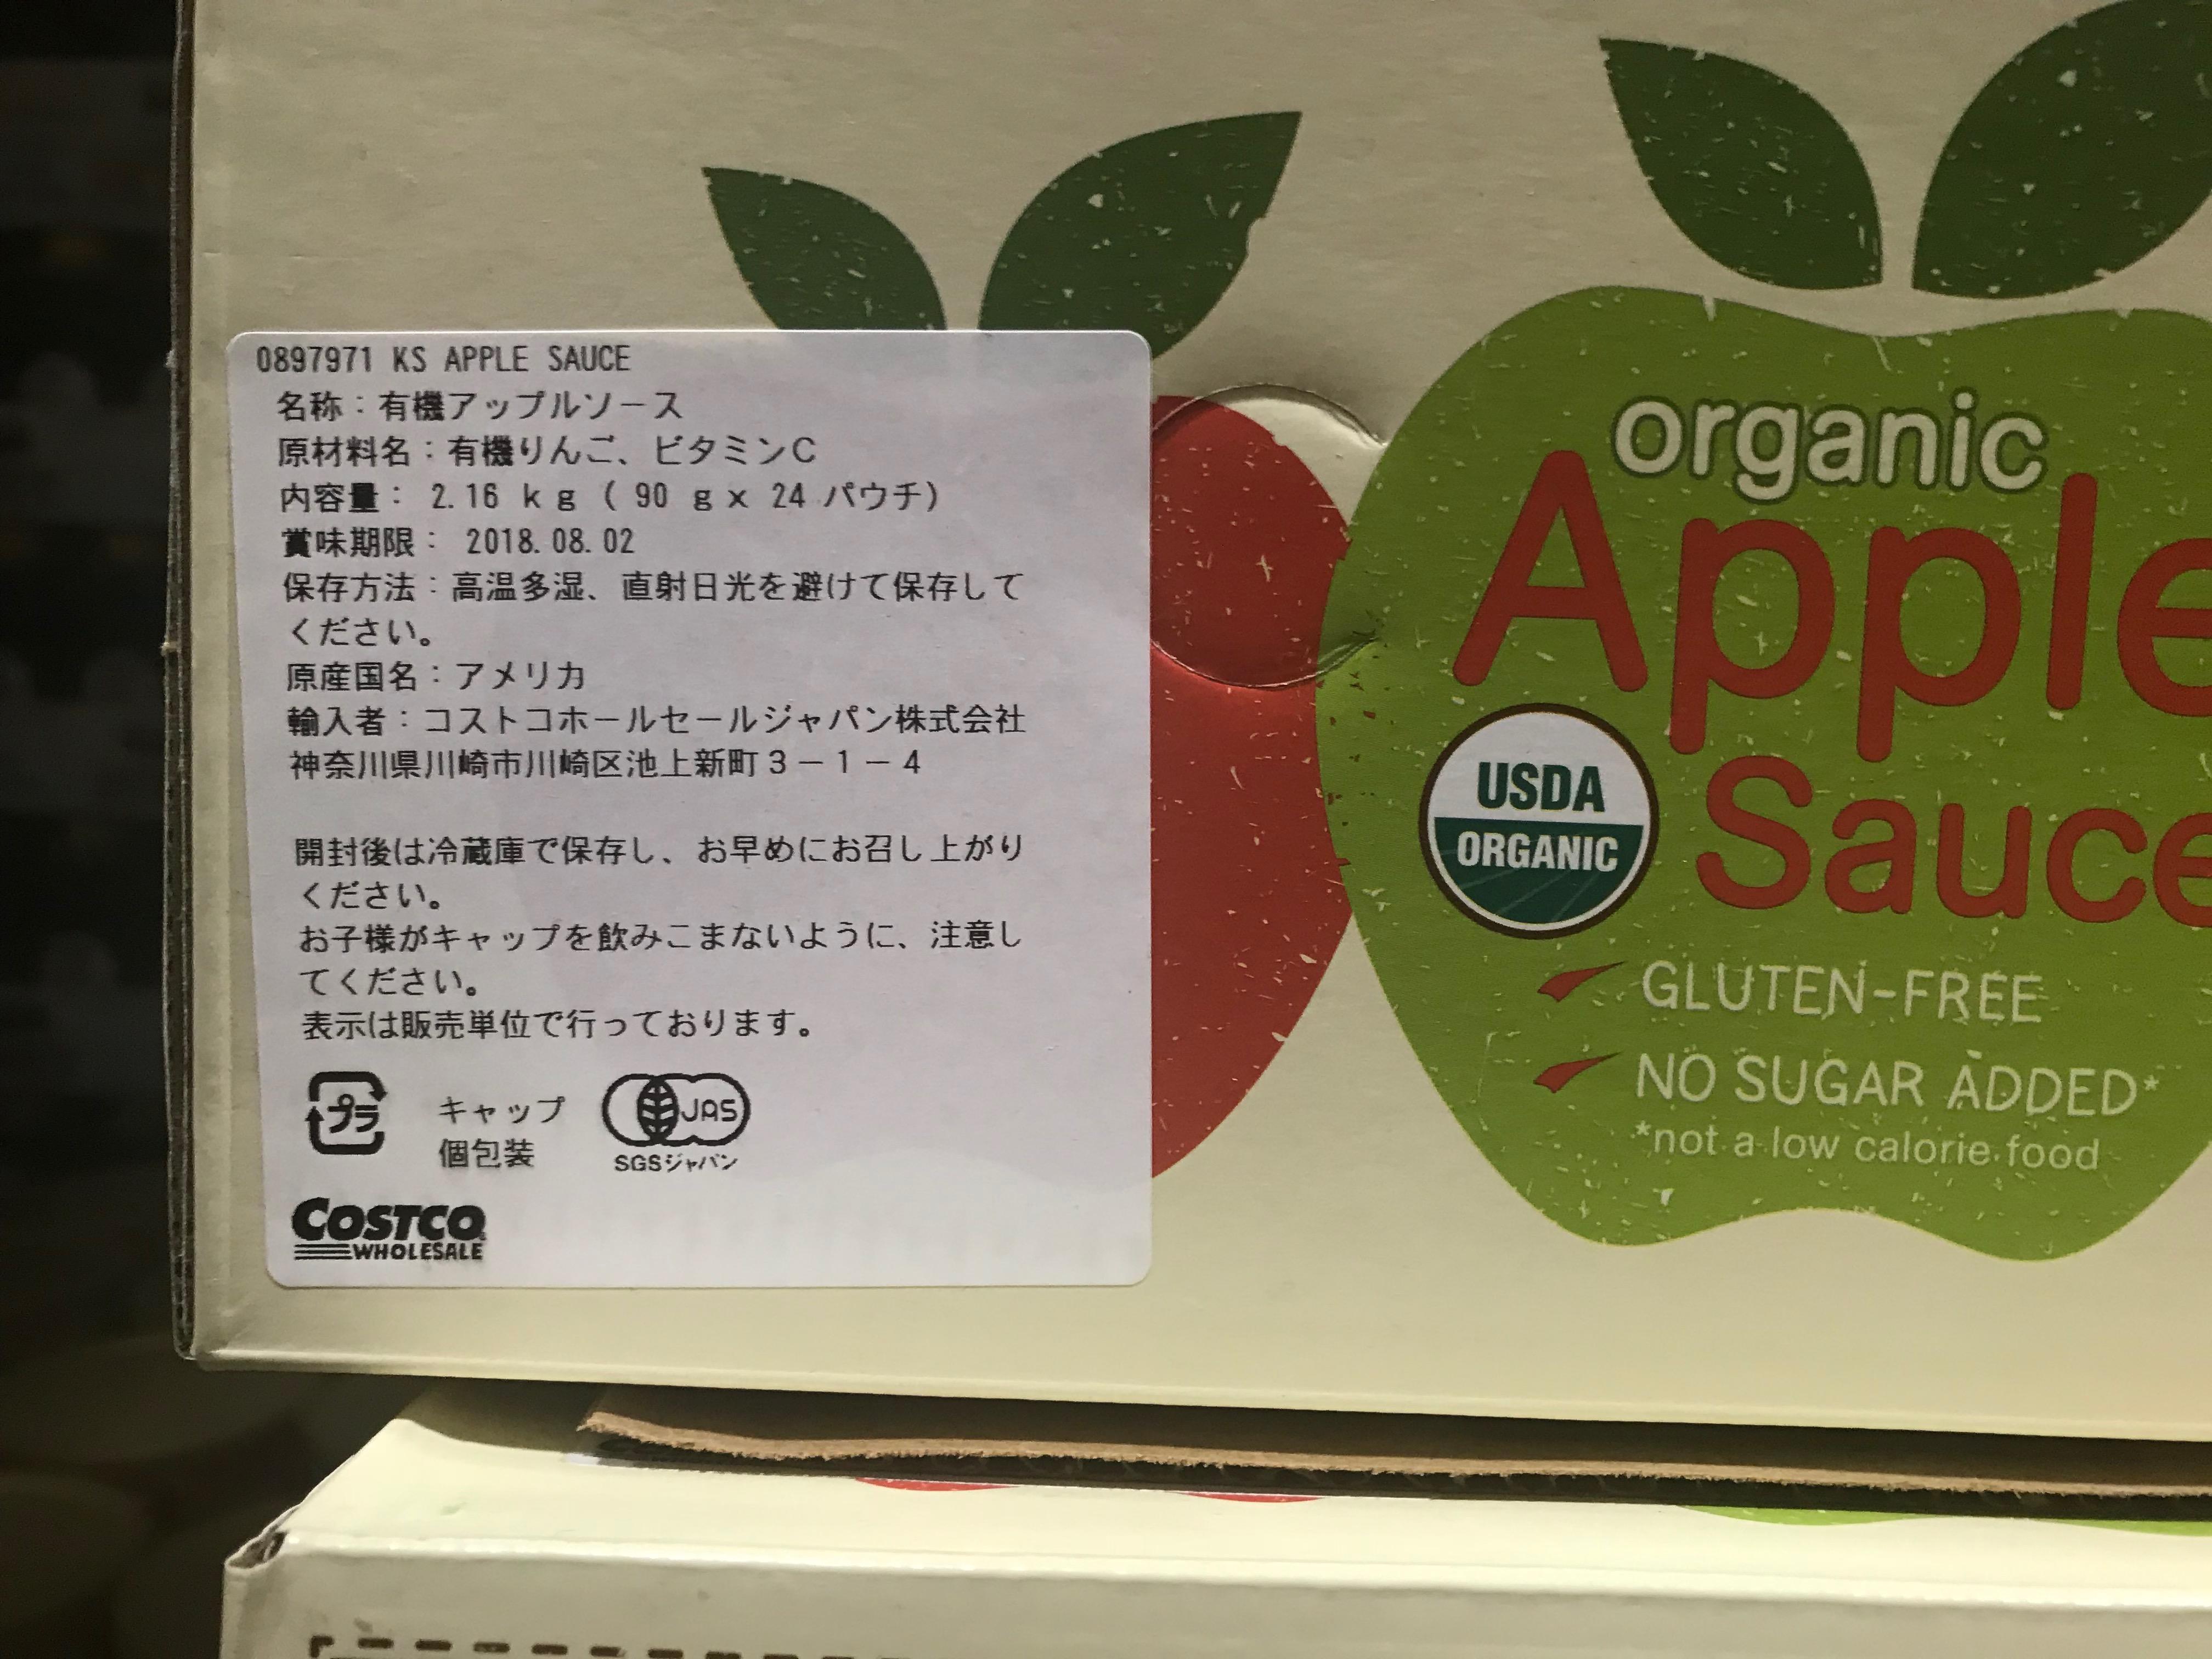 コストコ 有機アップルソース 栄養素